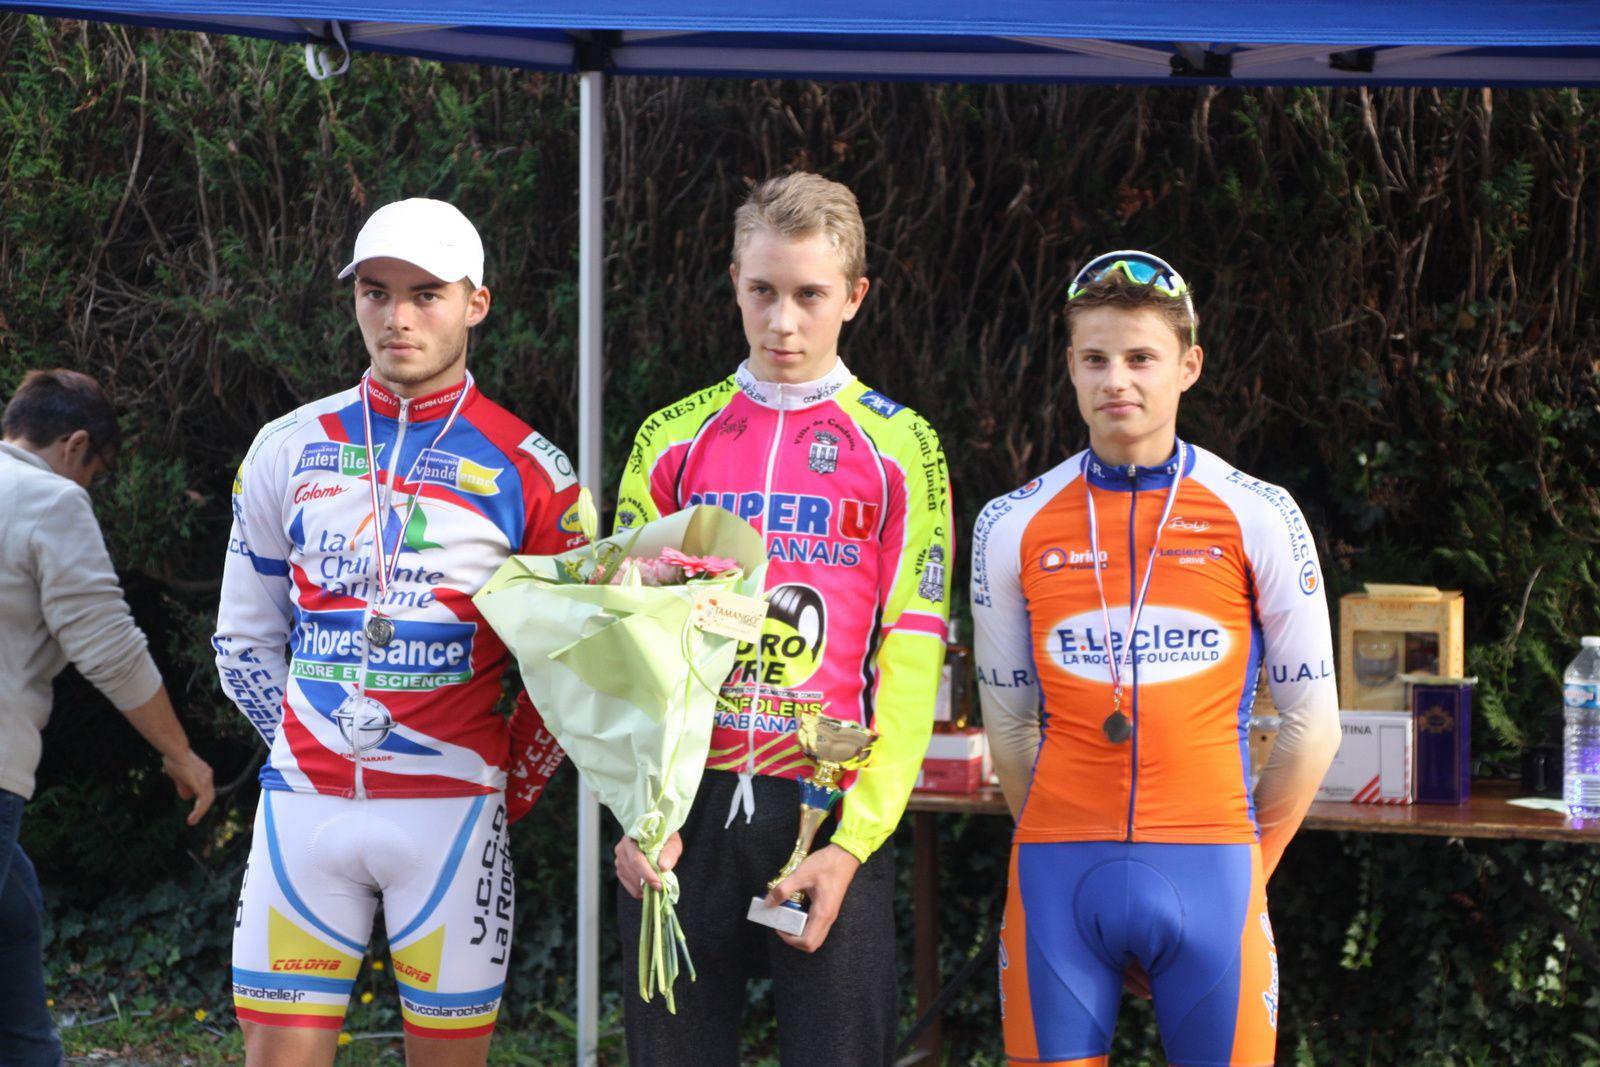 Le  podium  avec  le  vainqueur  qui  est  aussi  champion  de  charente